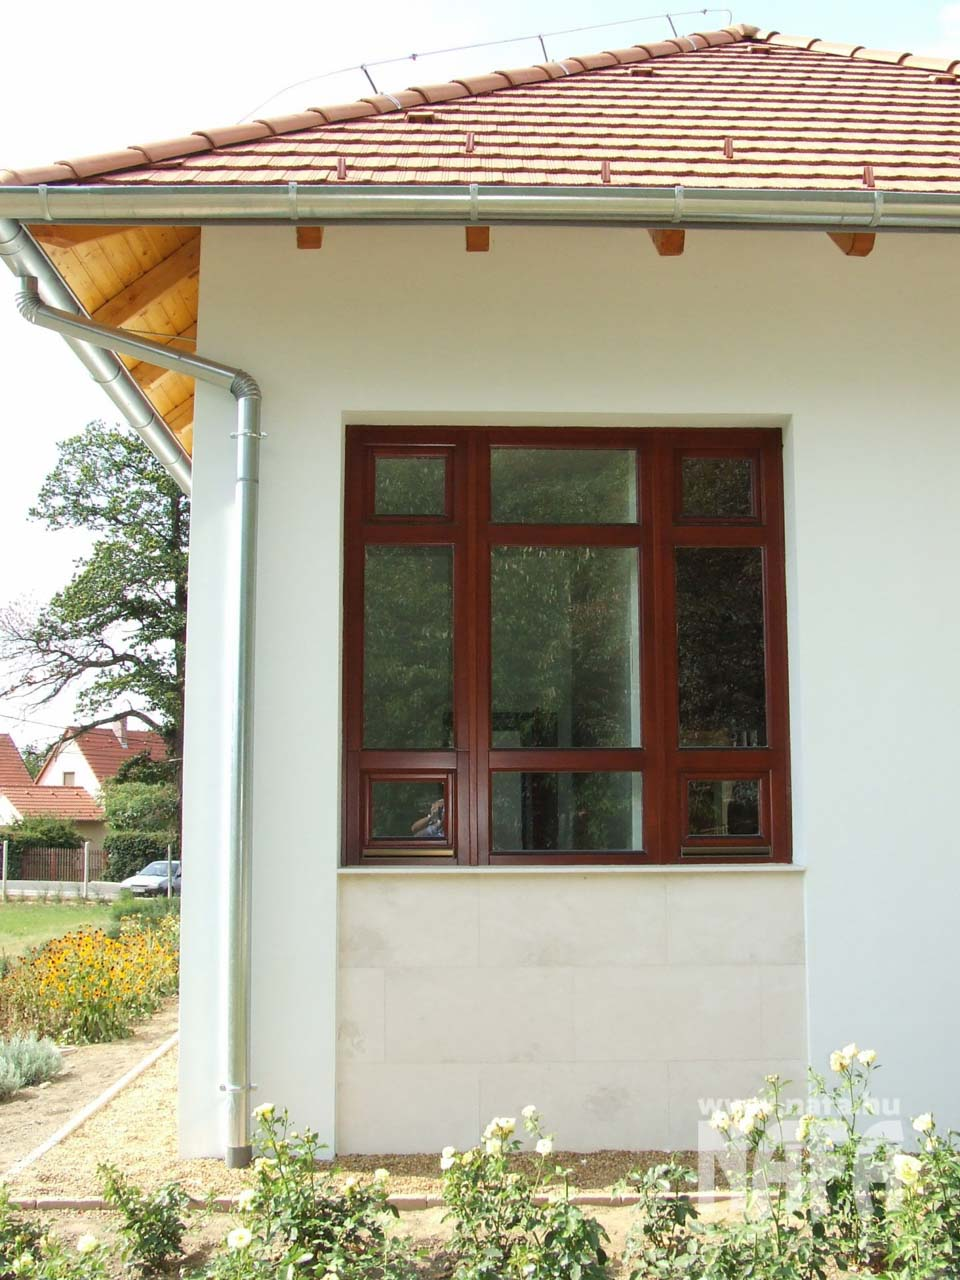 Fa nyílászárók, egyedi festett ablakok, Rippl-Rónai Múzeum Kaposvár